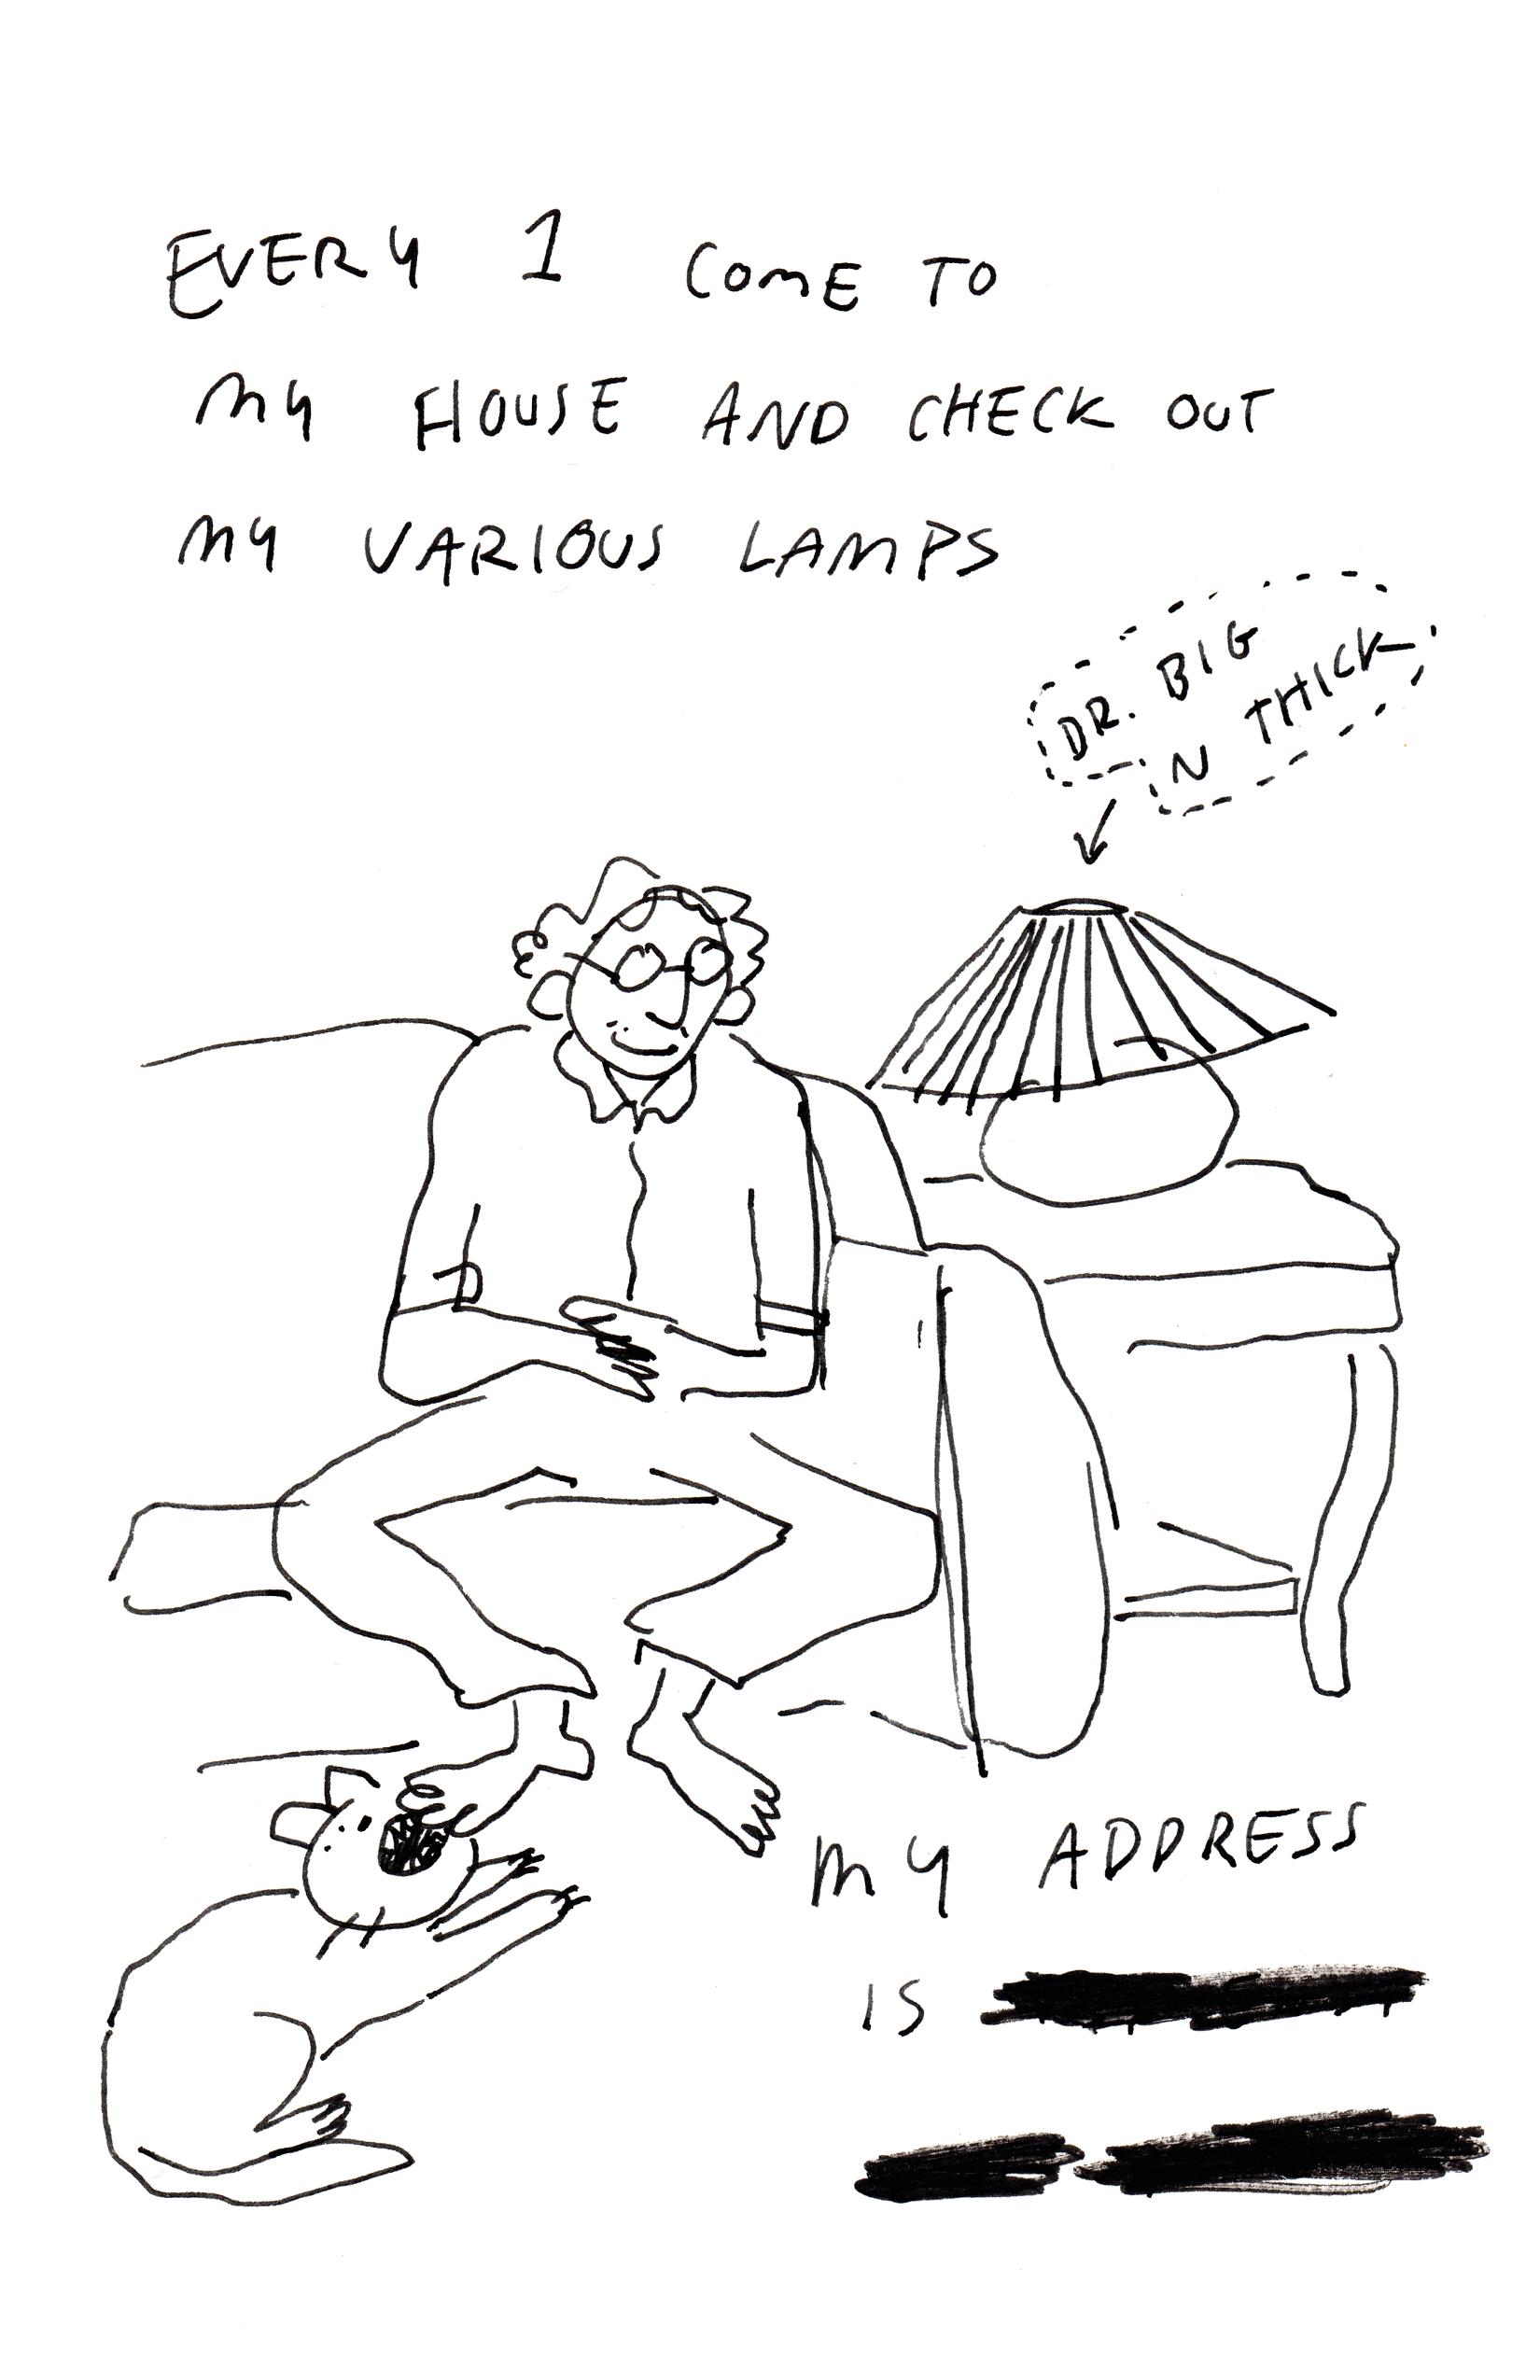 lampcomic3.png